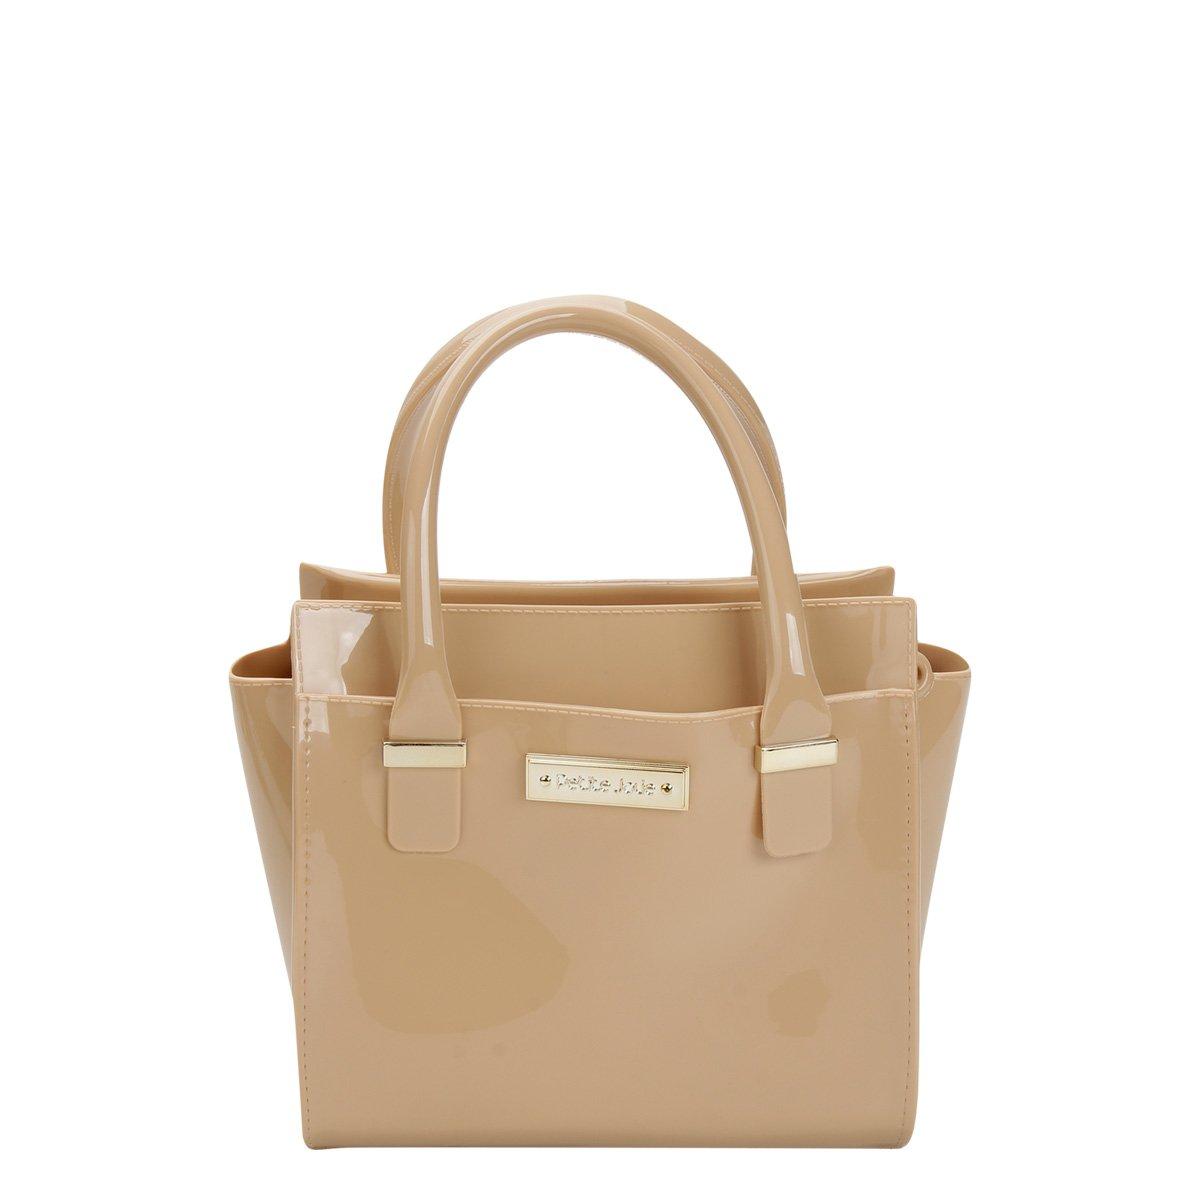 Bolsa De Mão Petite Jolie : Bolsa petite jolie mini bag logo feminina nude